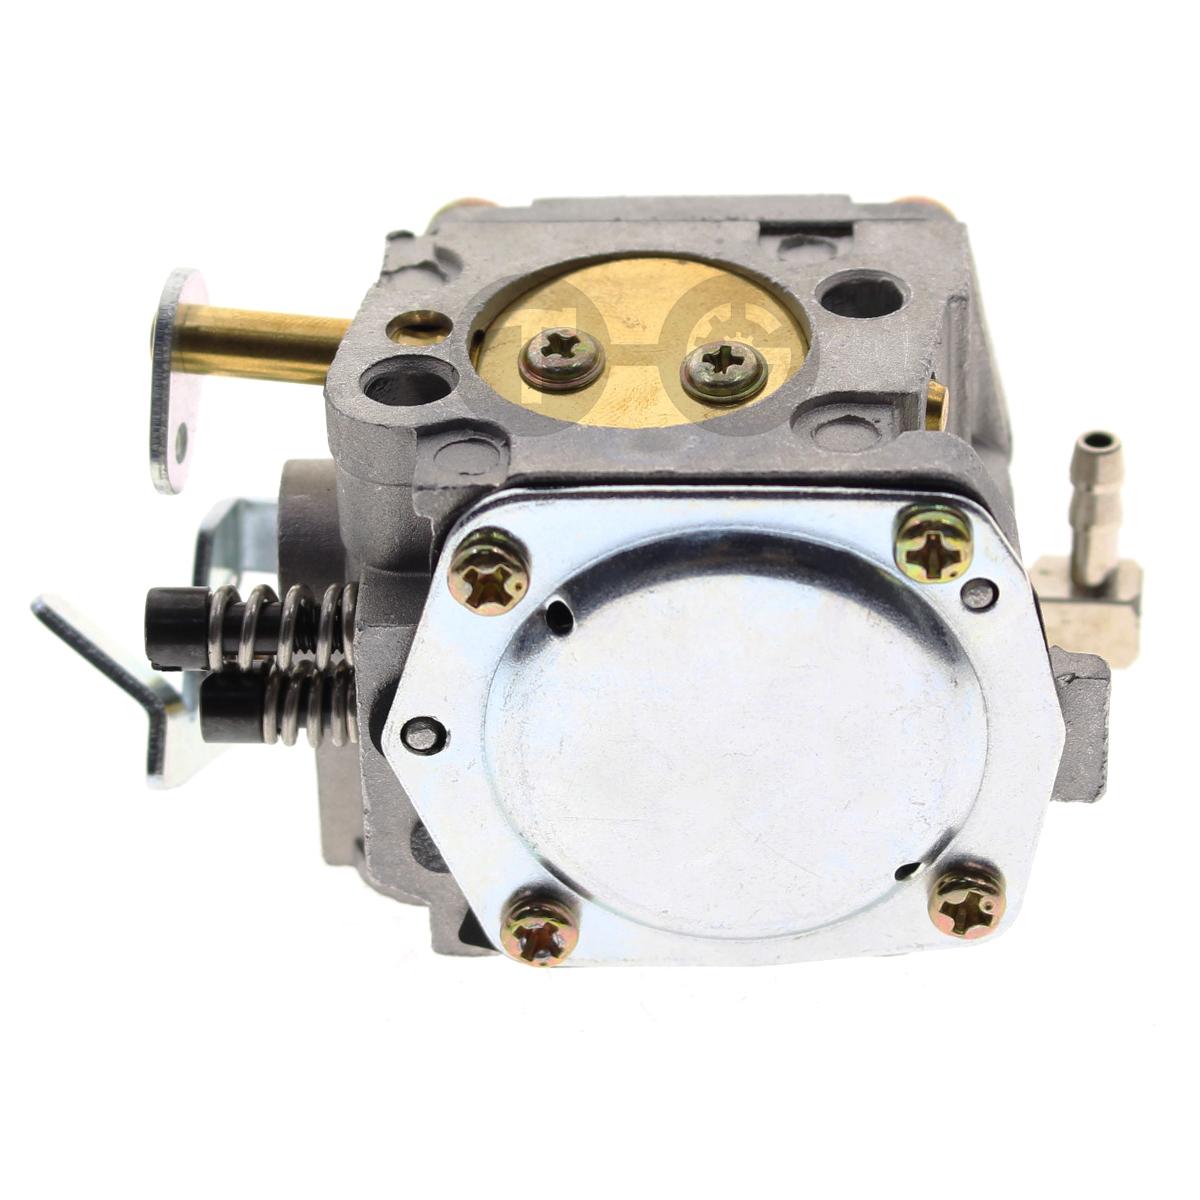 Carburetor Carb Fuel Lines kit For Stihl 041 041AV Farm Boss Gas Chainsaw